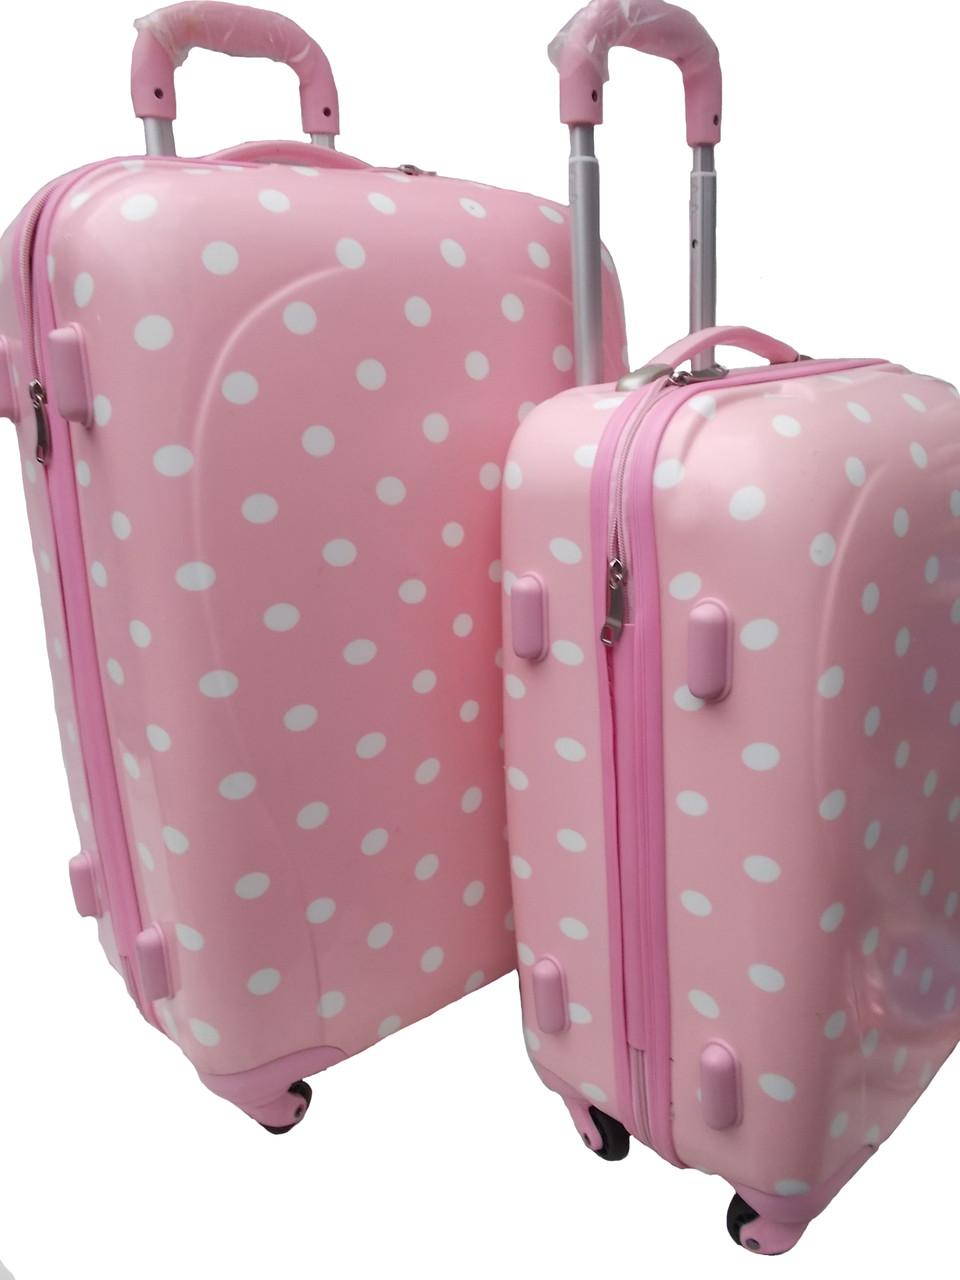 Чемоданы в горошек пакуй чемоданы онлайн